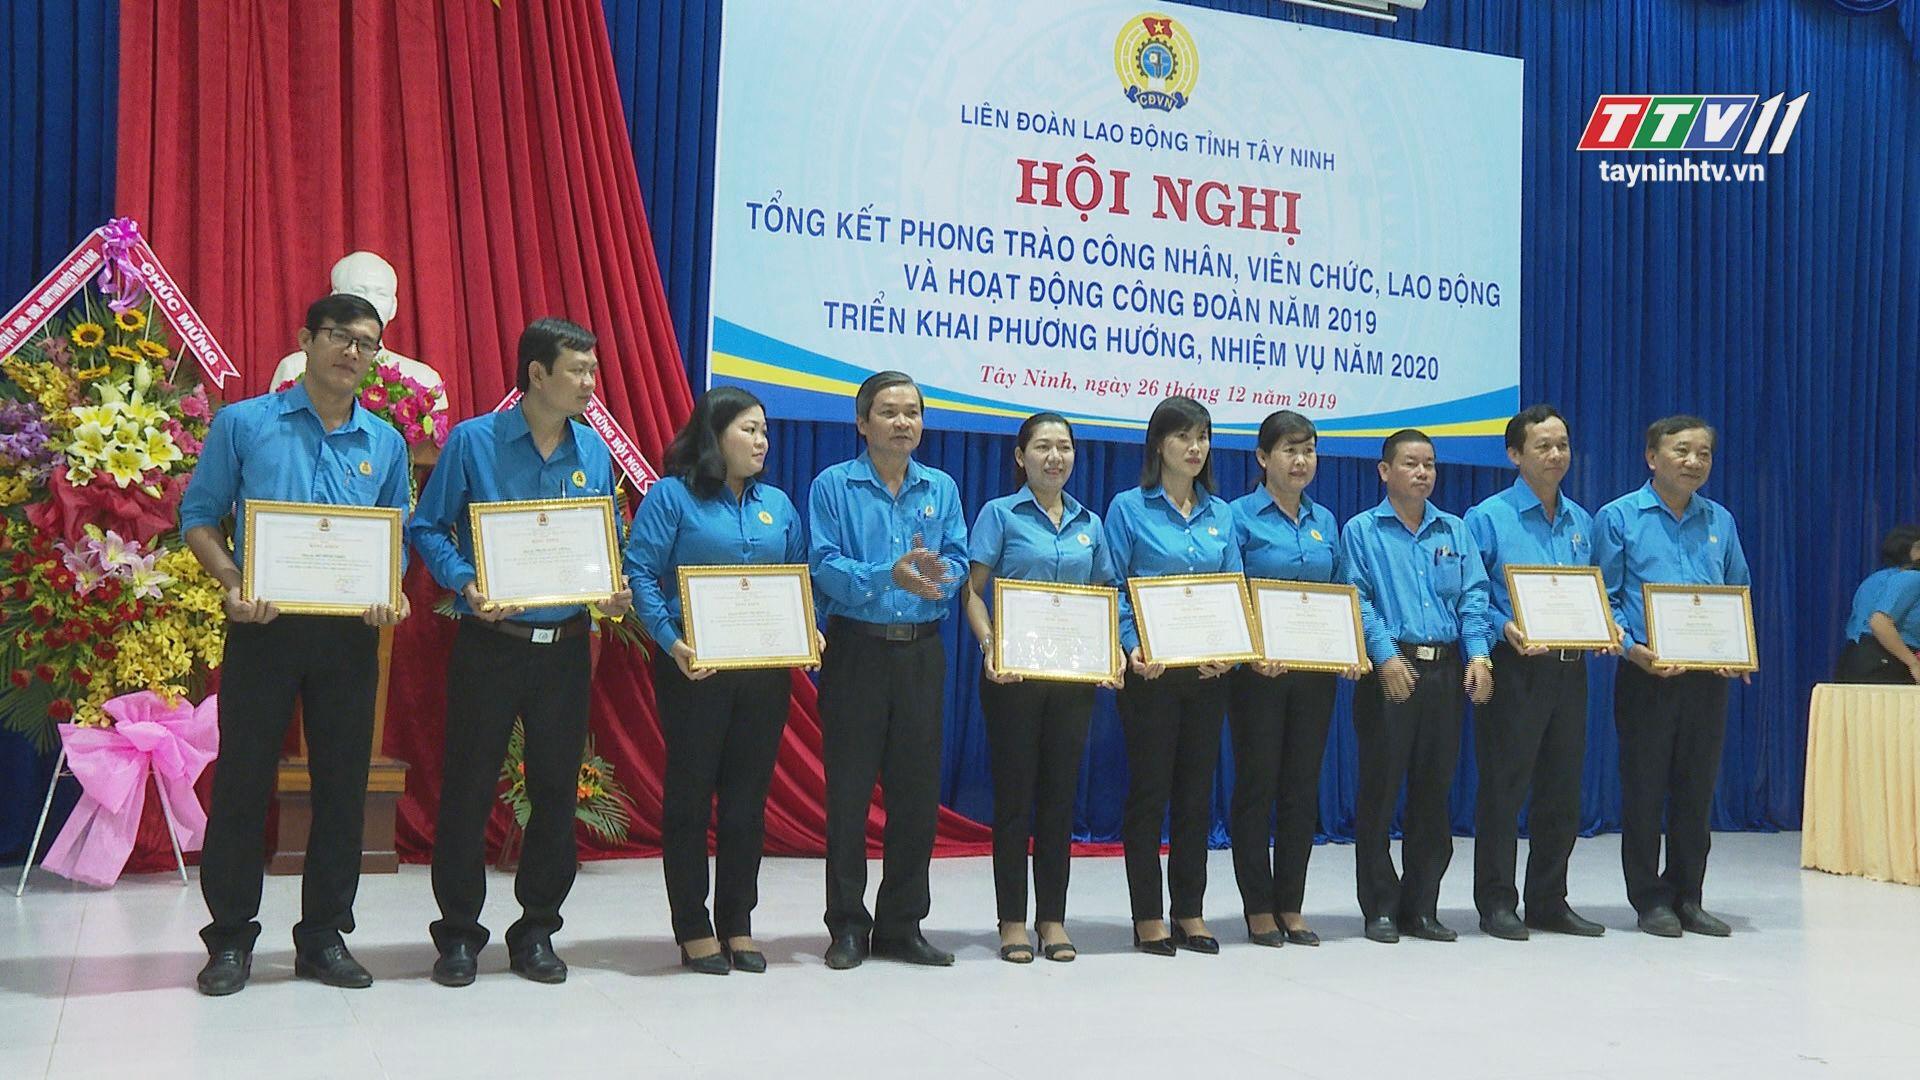 Năm 2019 năm thắng lợi trong phong trào thi đua của các cấp Công đoàn TP.Tây Ninh | LAO ĐỘNG CÔNG ĐOÀN | TayNinhTV